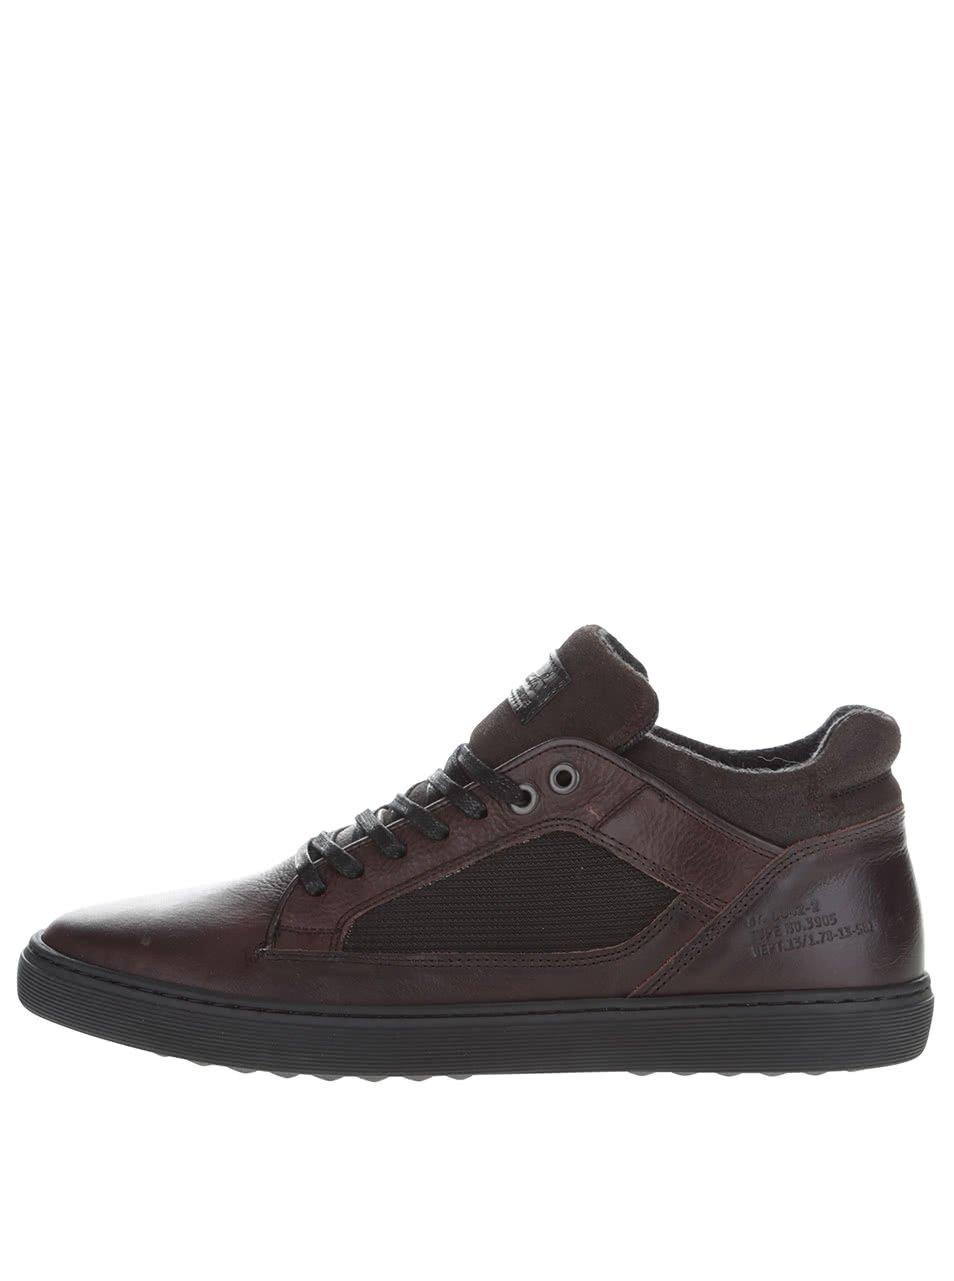 Tmavě hnědé pánské kožené tenisky boty Bullboxer